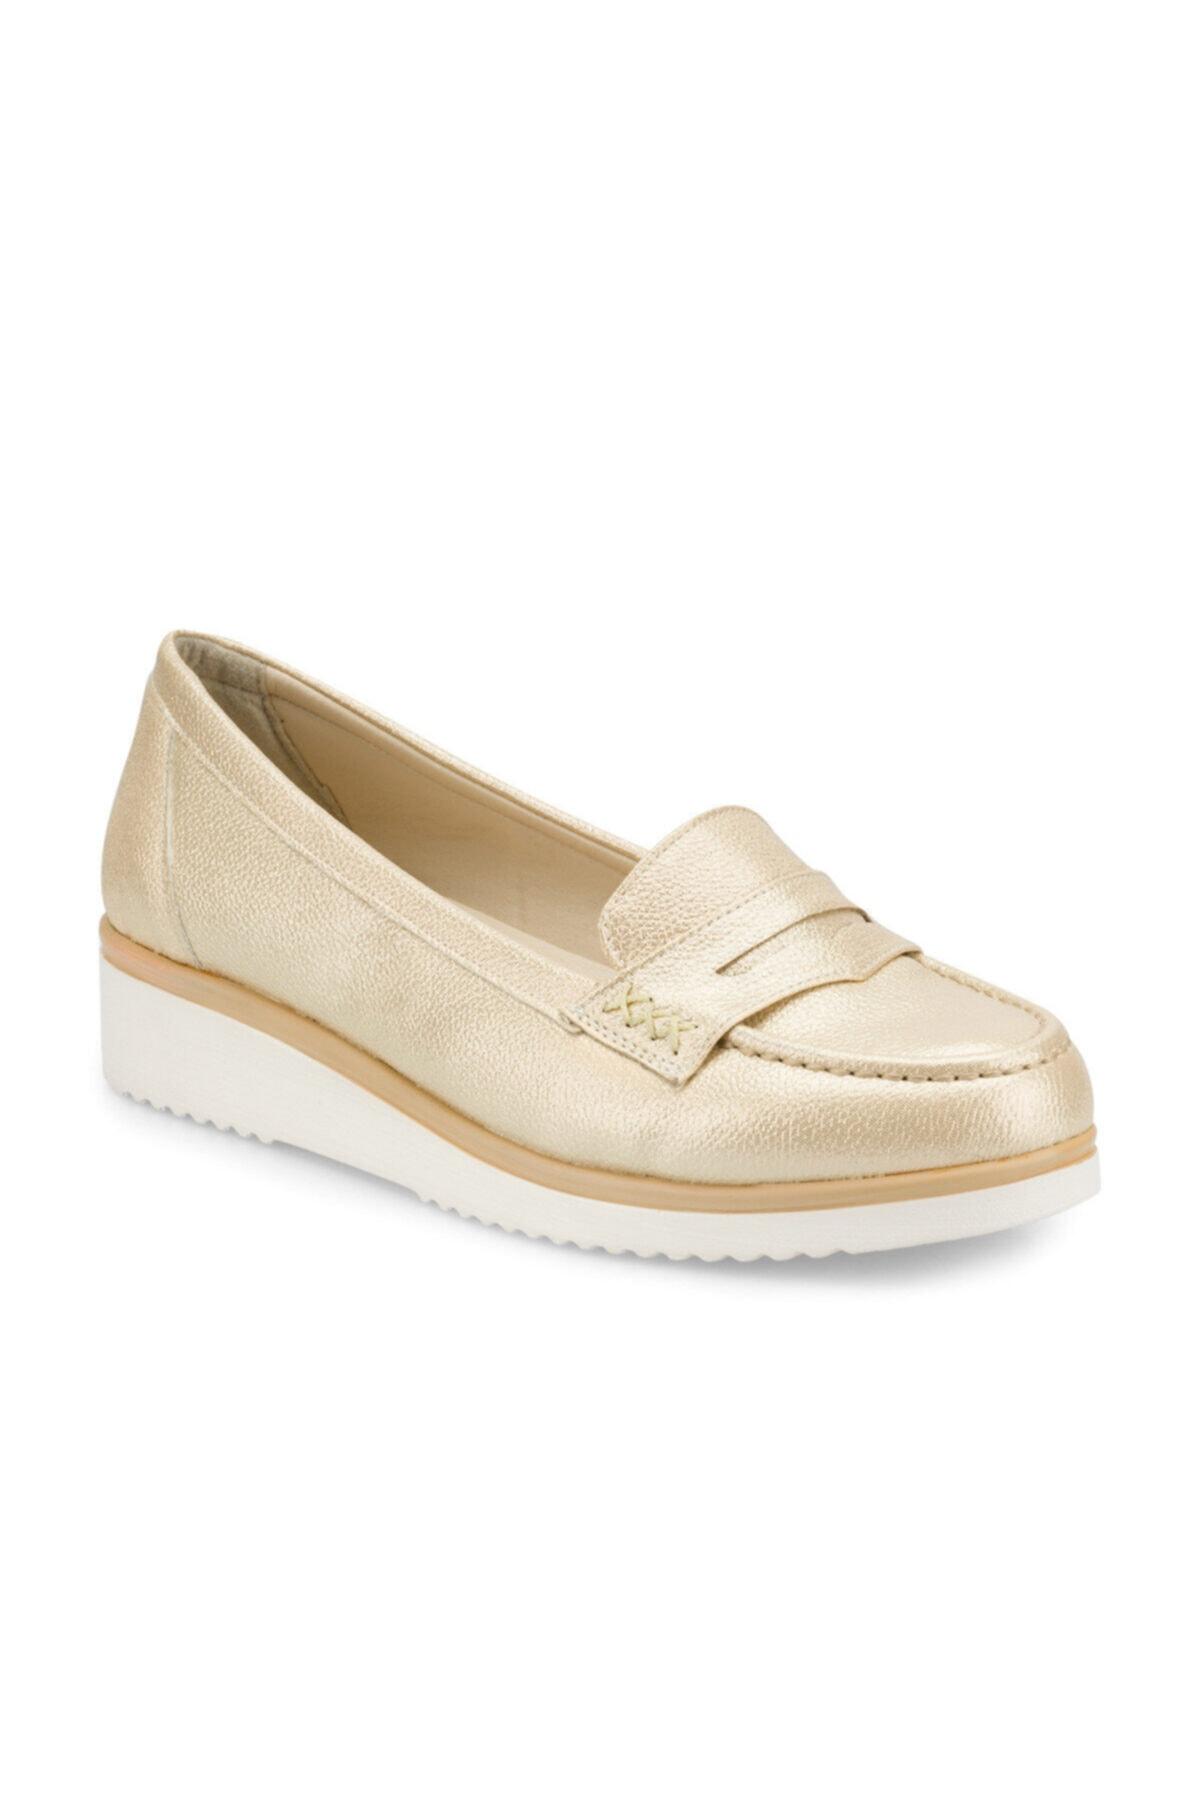 Polaris 161100.Z Altın Kadın Loafer Ayakkabı 100509239 1